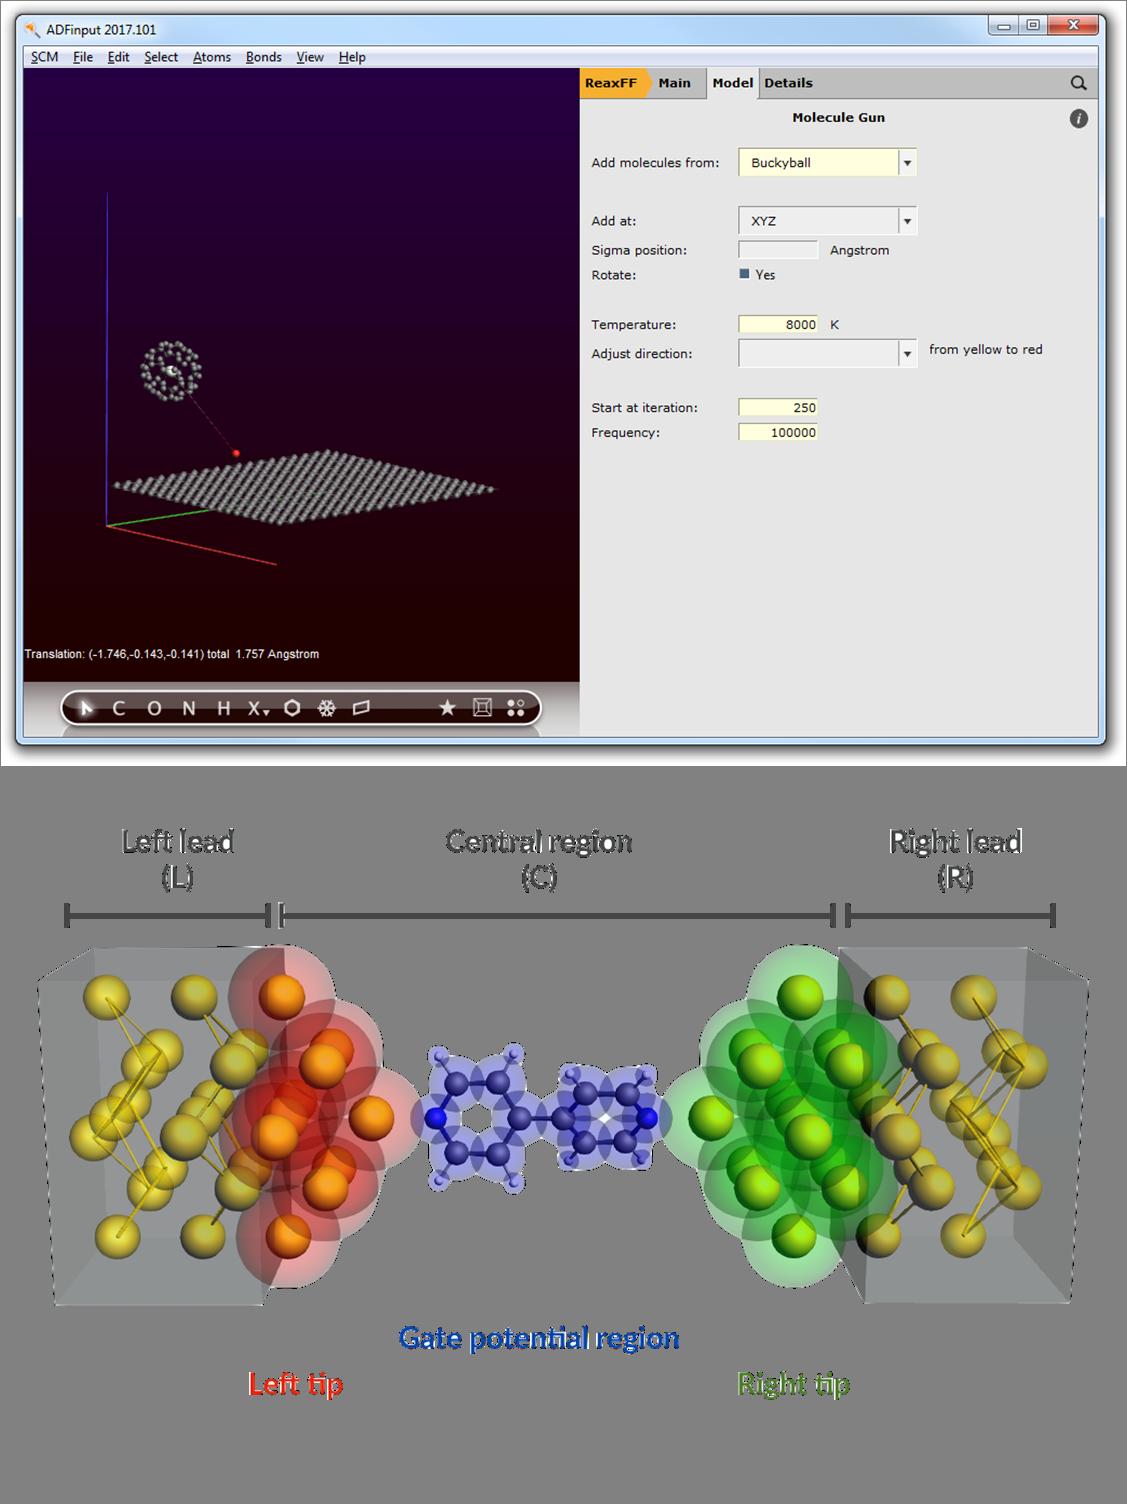 Molecule gun & NEGF with ADFGUI